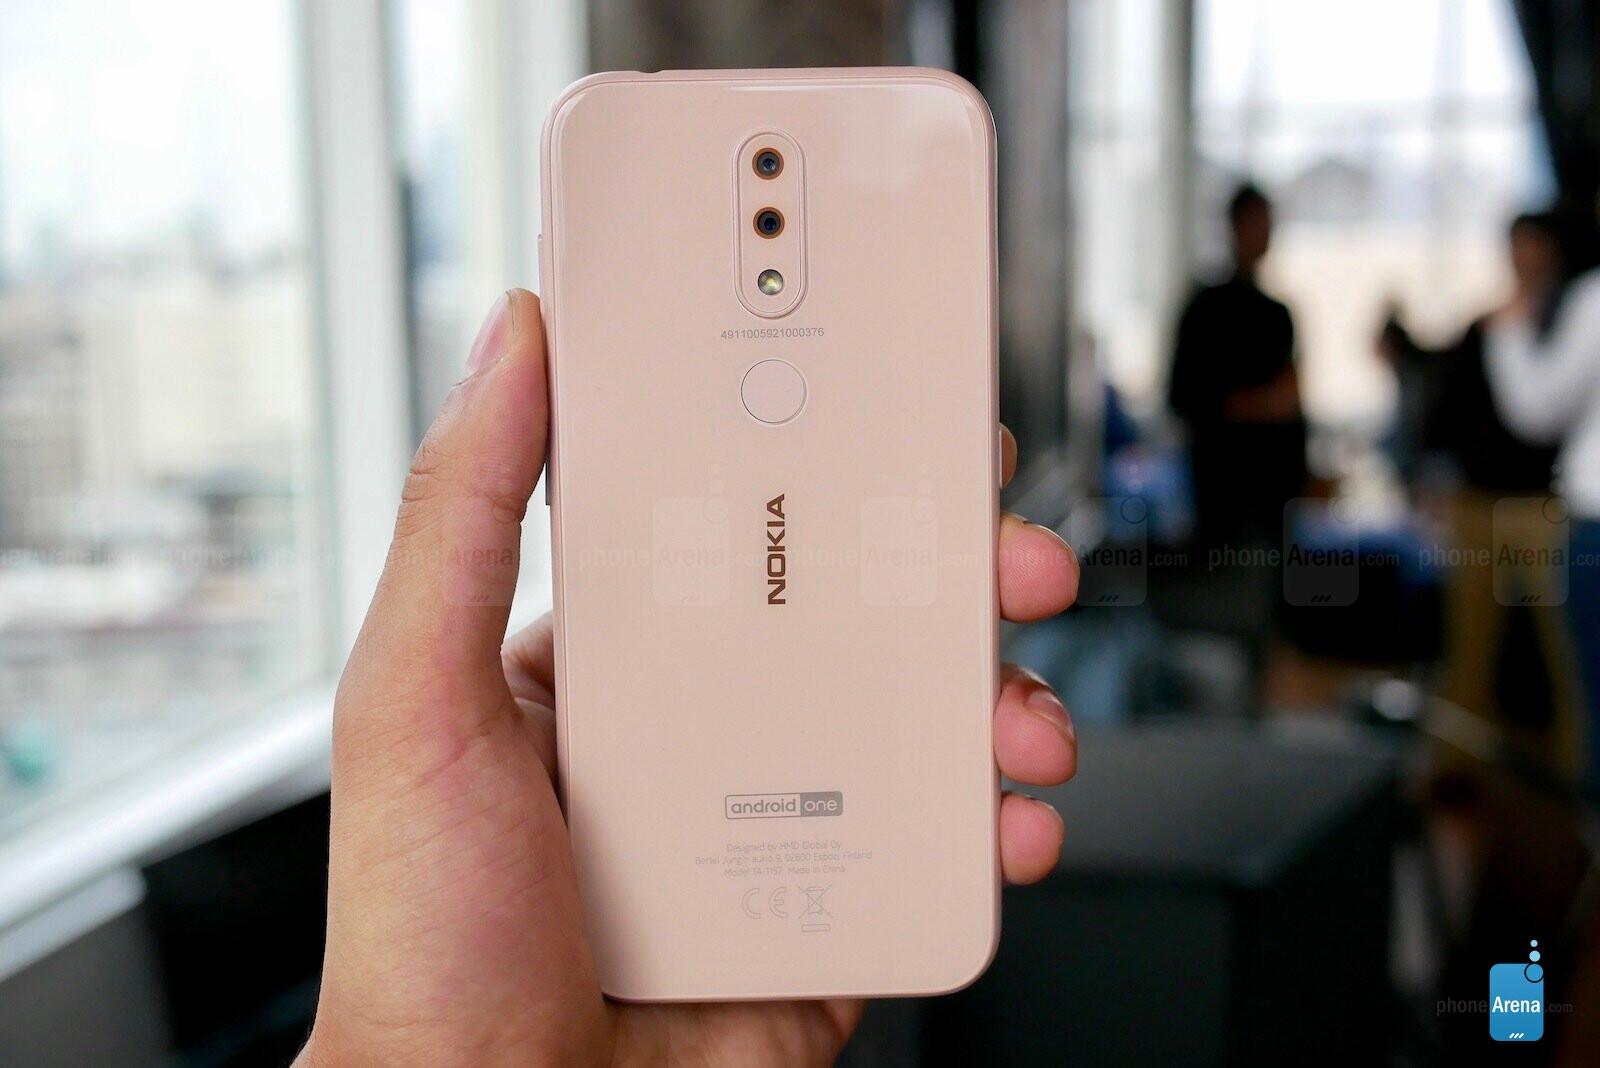 Nokia 4 2, Nokia 3, Nokia 1 Plus, and Nokia 210 hands-on: A range of